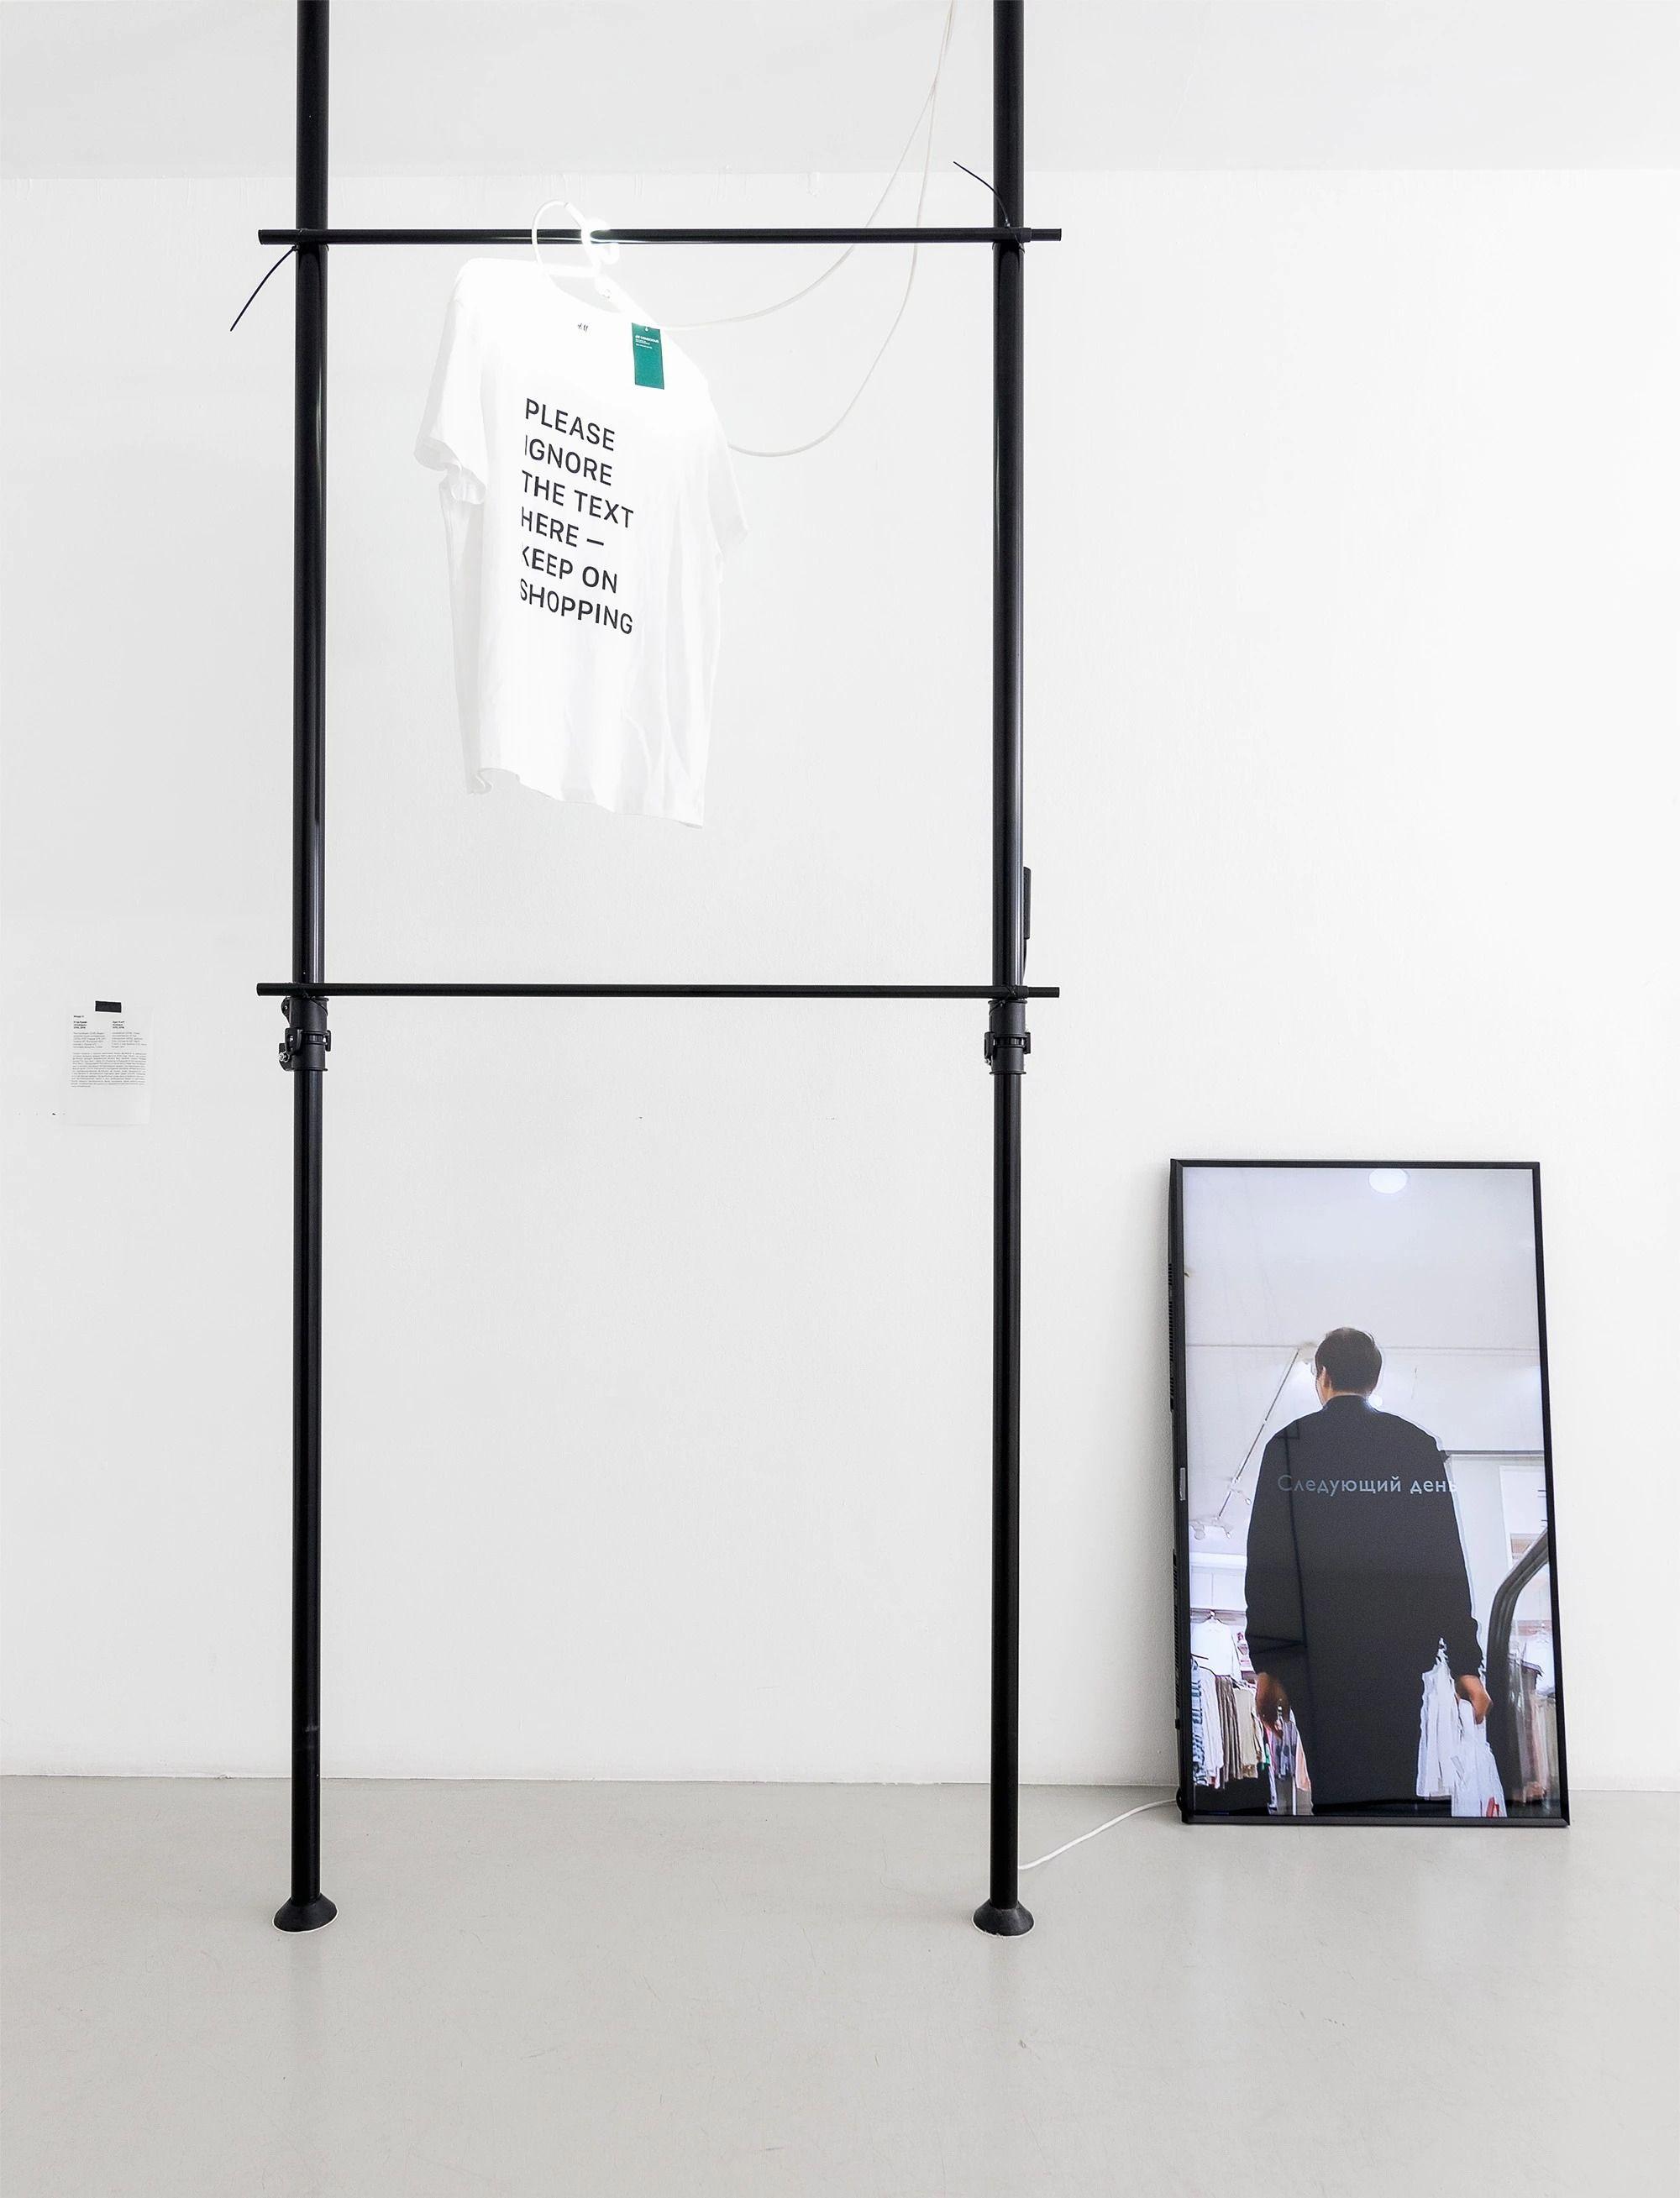 Коллекционирование искусства вчера, сегодня и завтра на примере петербургской выставки «Вещи» (фото 3)